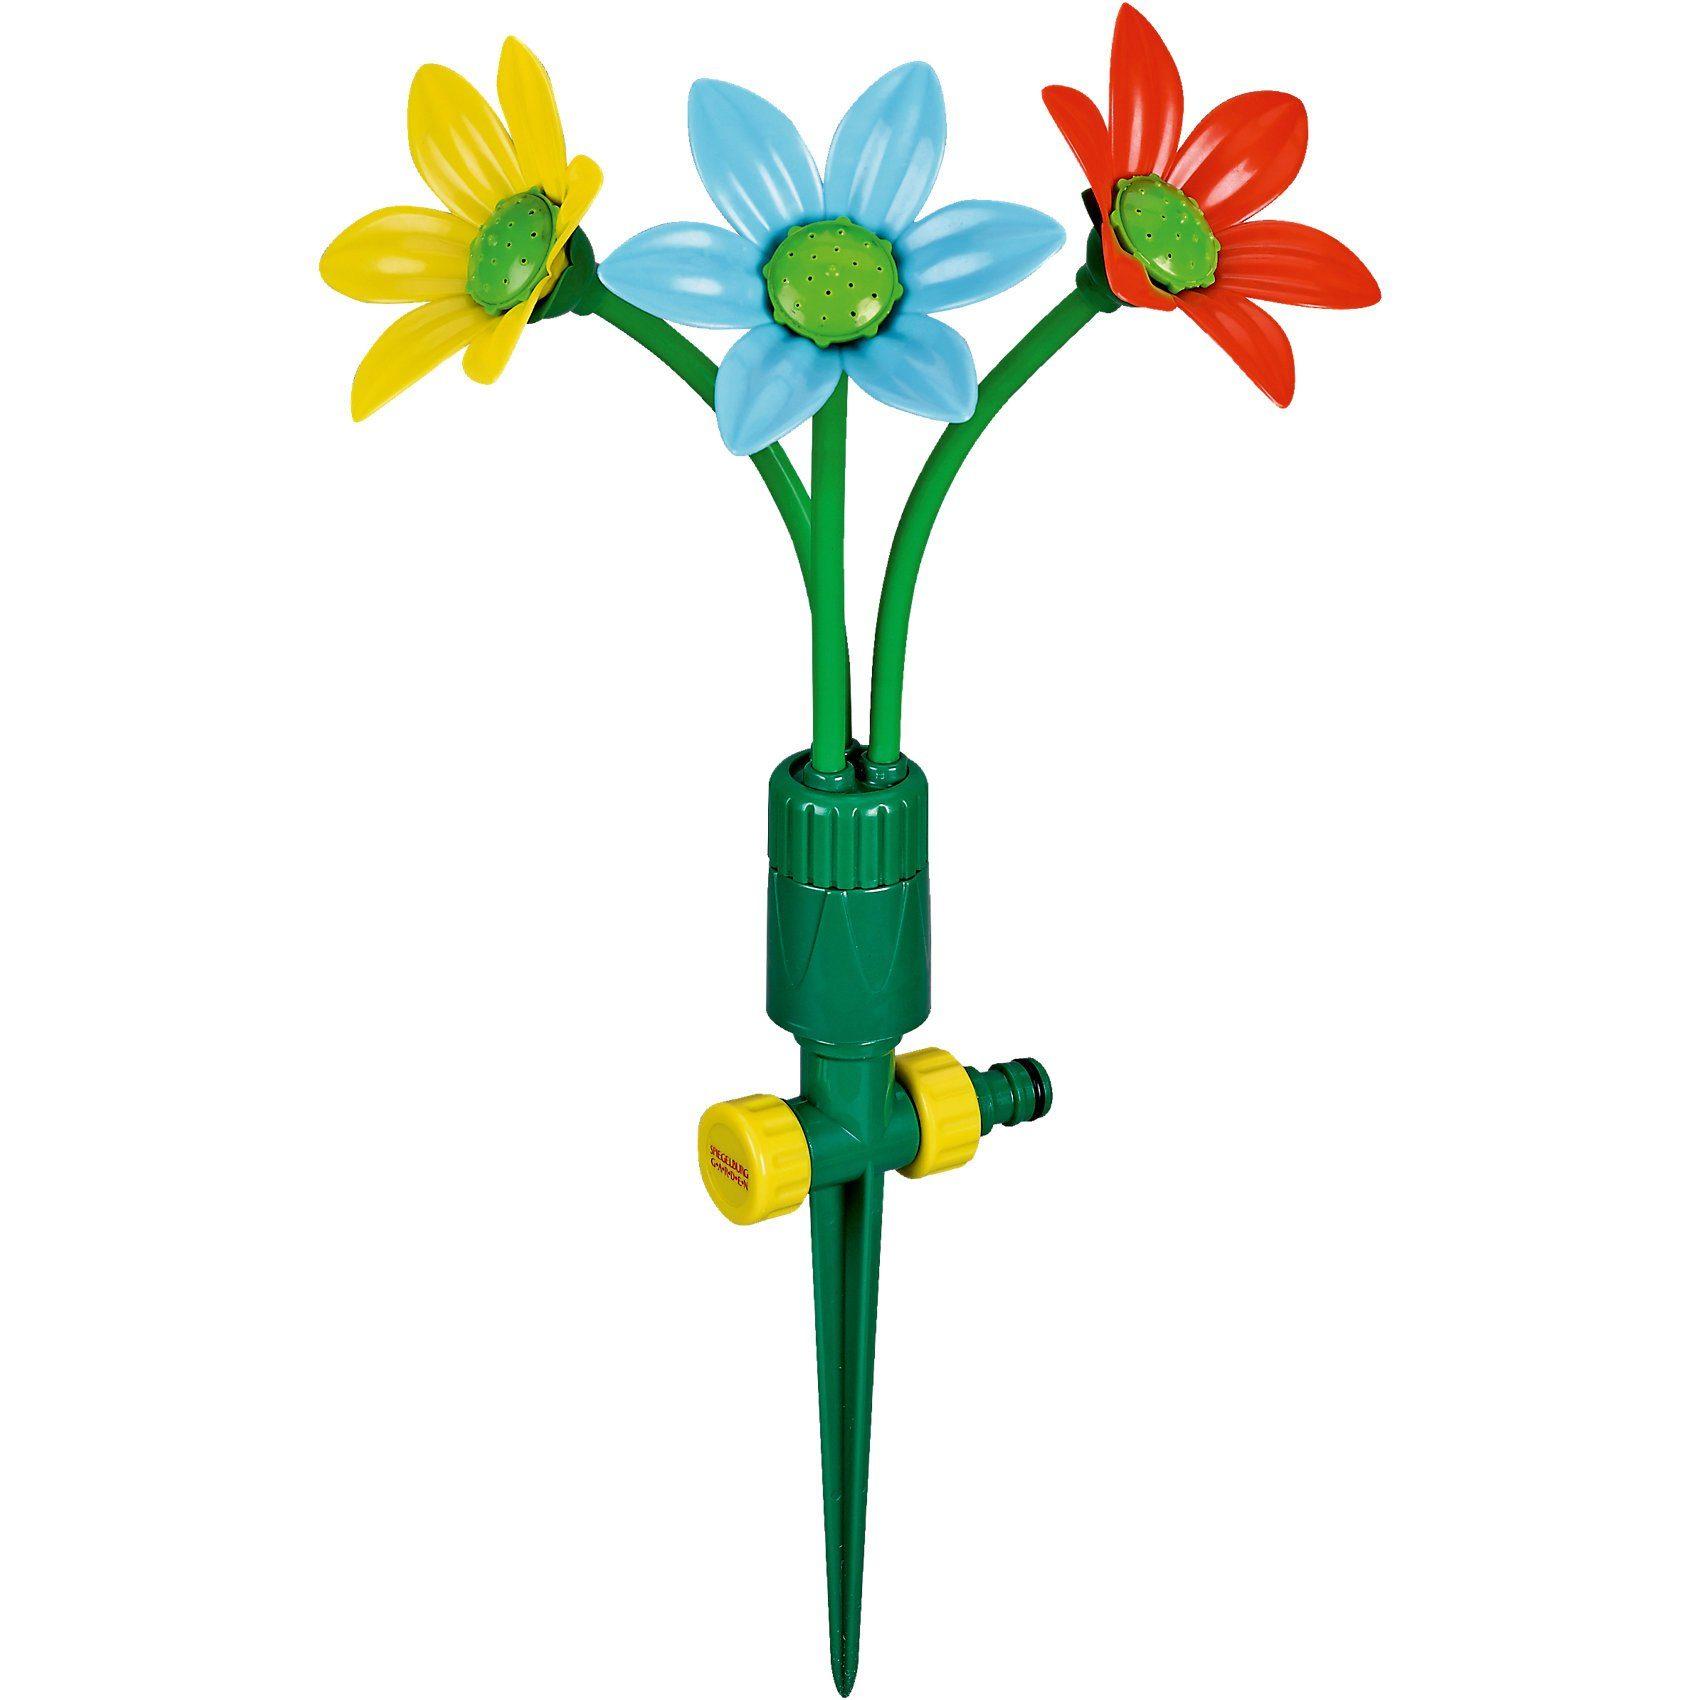 Spiegelburg Lustige Sprinkler-Blume Garden Kids